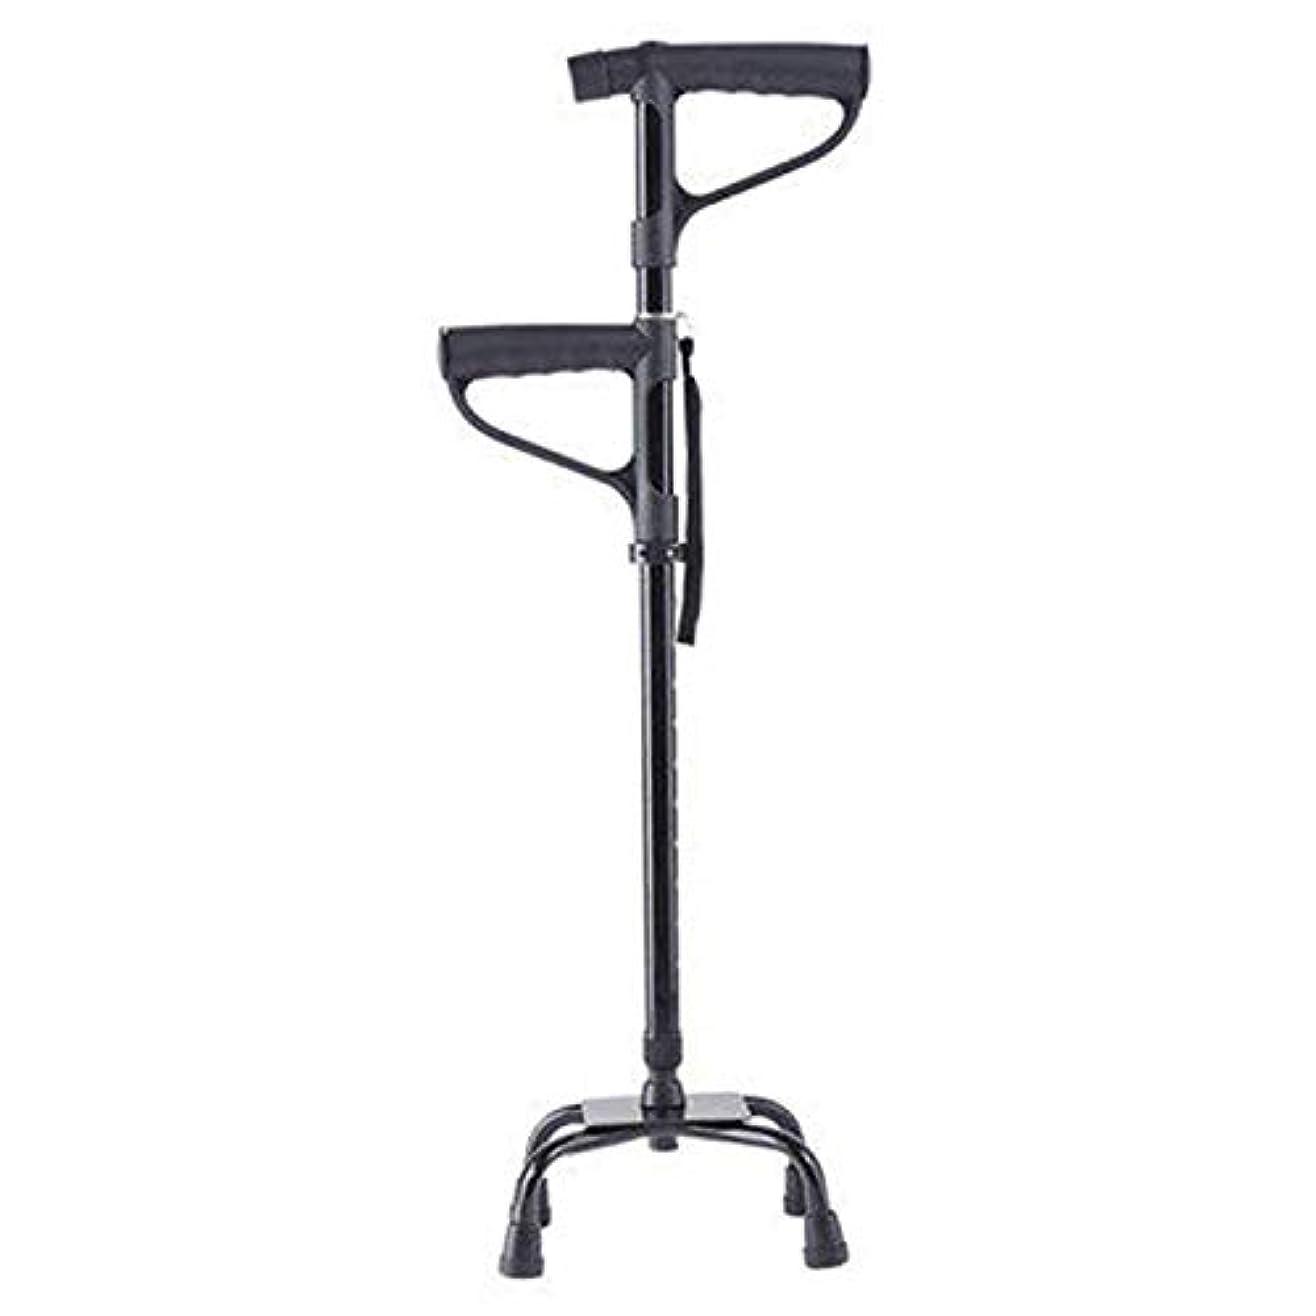 誕生注意削るテレスコピック3-in-1アジャスタブルクワッドケイン、男性用、女性用、高齢者用の軽量軽量ステッキ、Tライト付きダブルTハンドル、多機能アンチスキッド4本足松葉杖